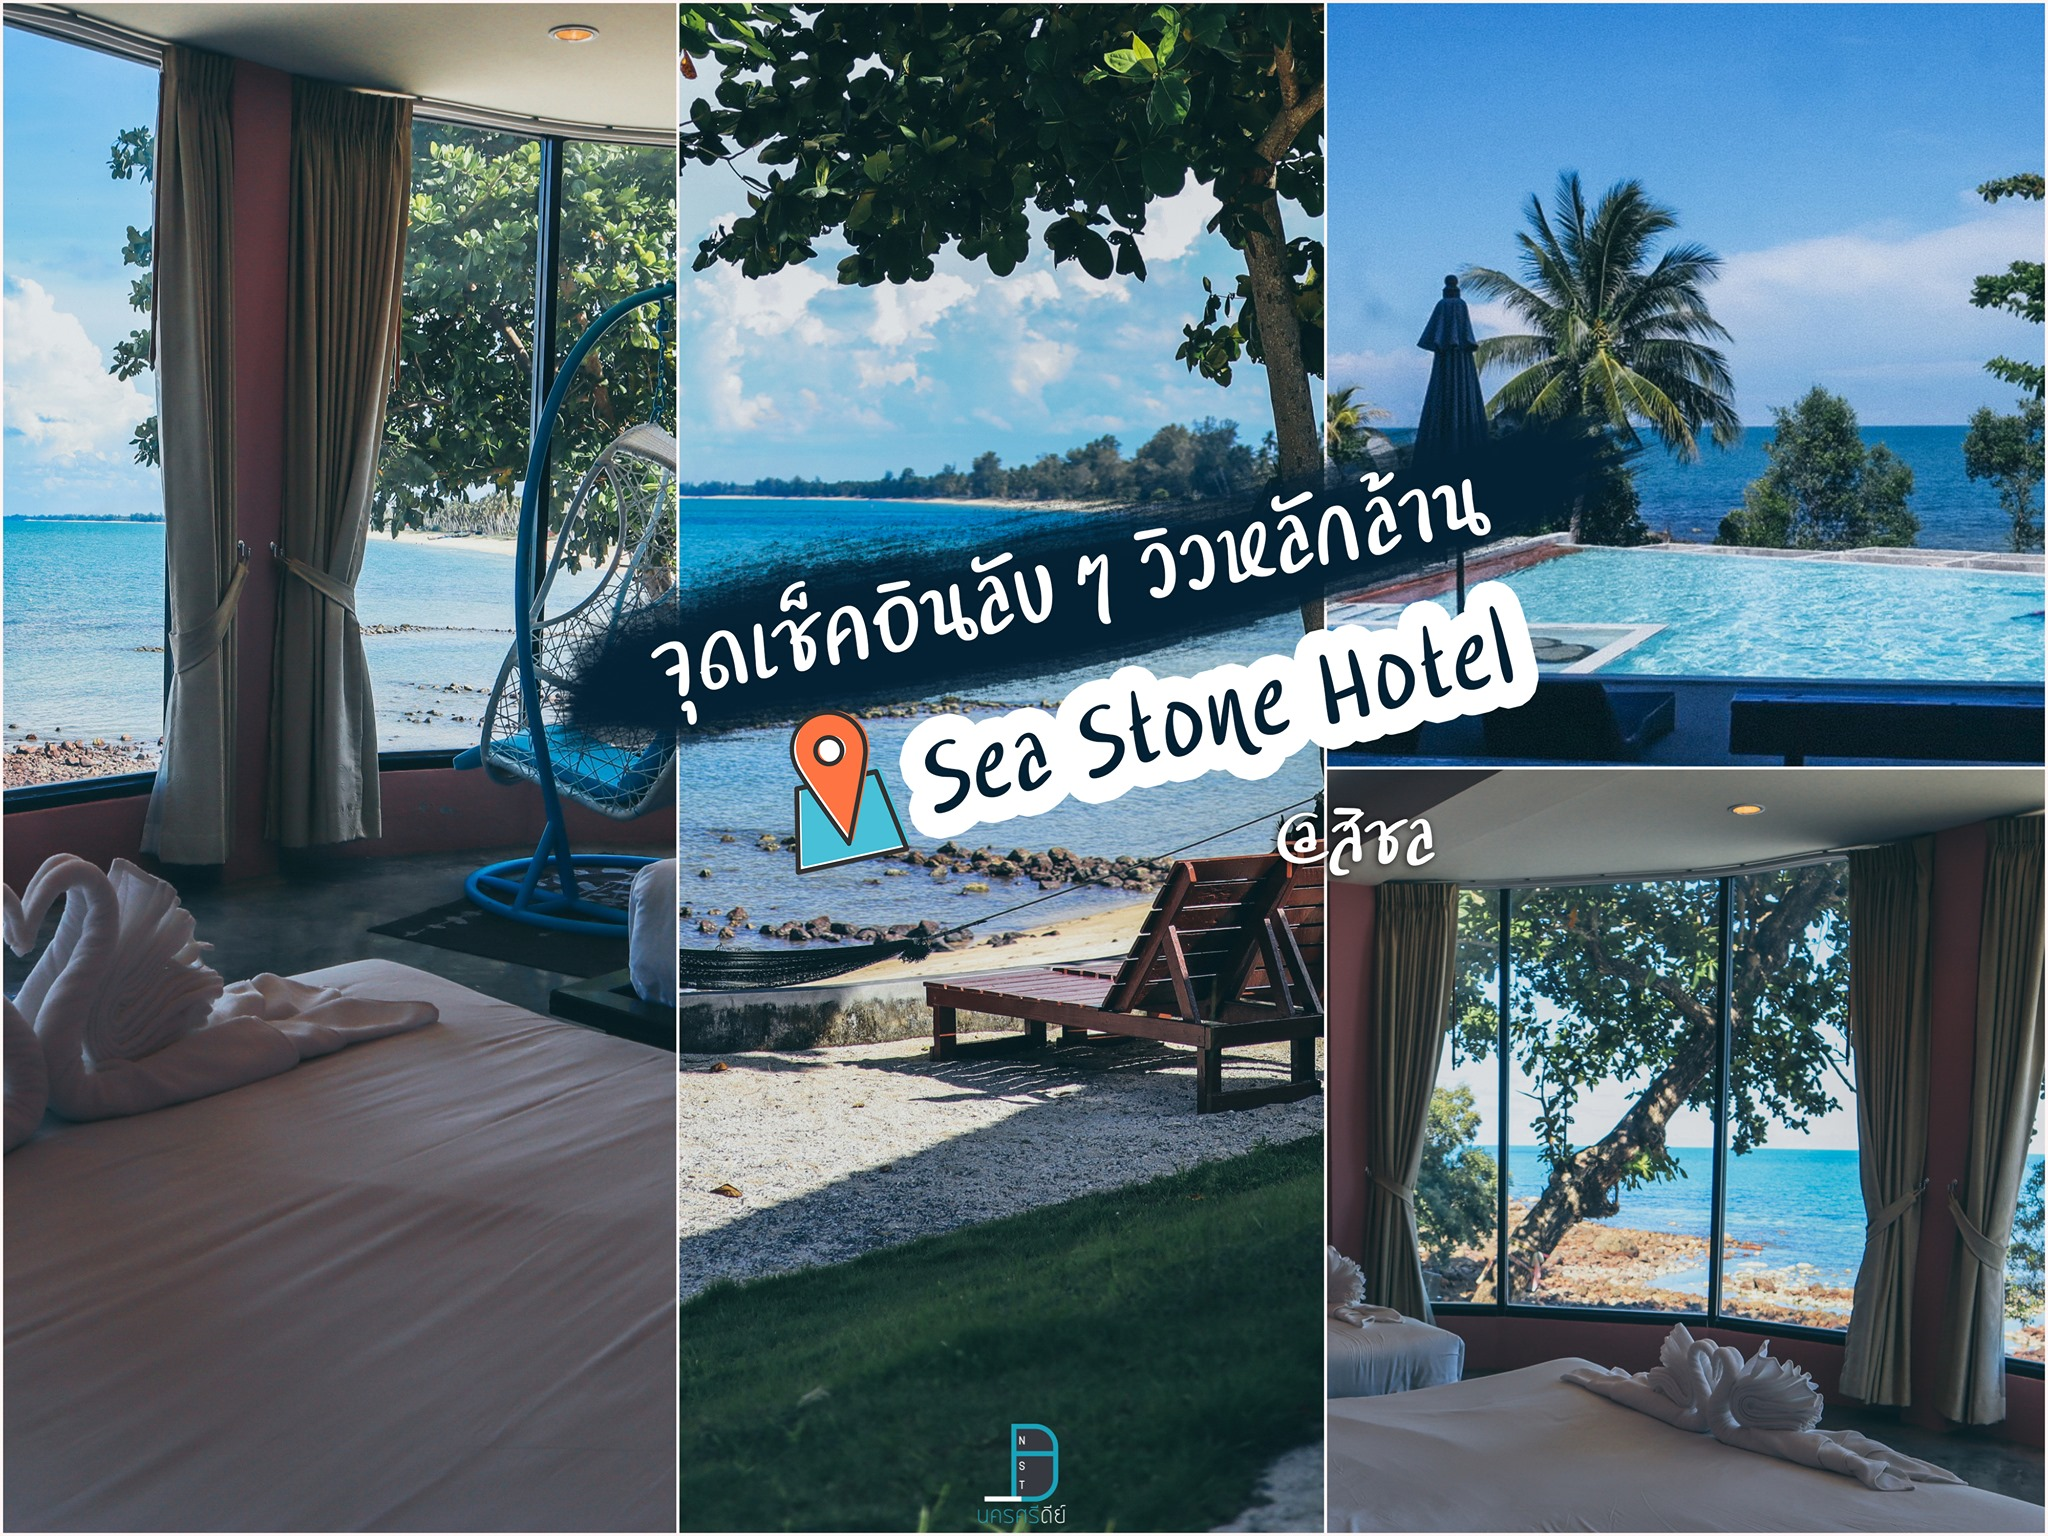 ที่พัก สิชล นครศรี วิวทะเลหินงาม Sea Stone Hotel วิวหลักล้านหน้าหาดสวยๆ